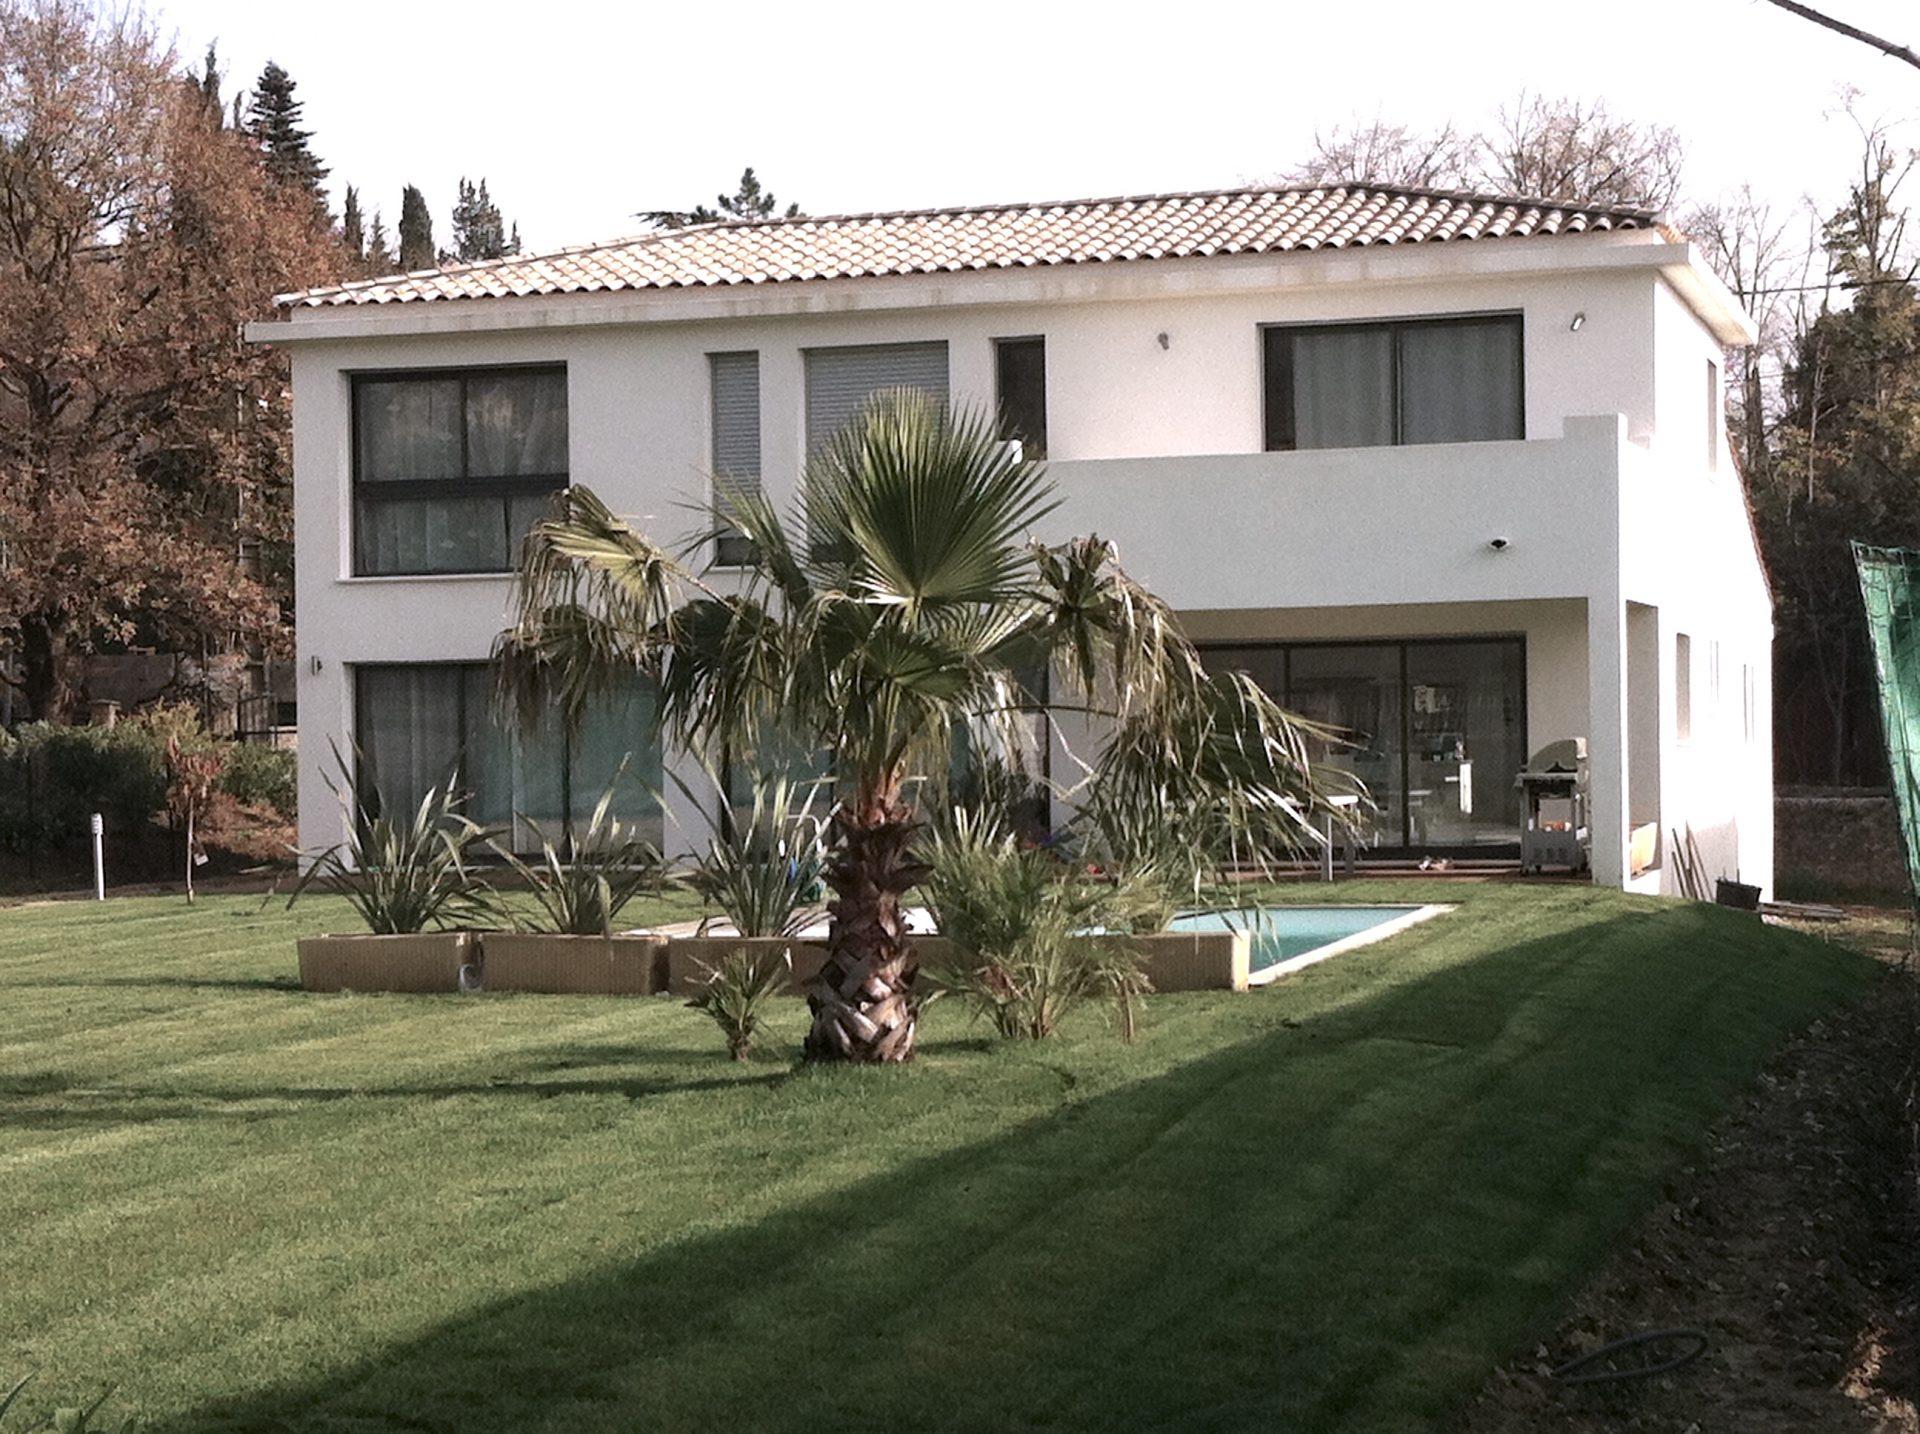 Votre maison contemporaine provence architecture - Maison contemporaine fougeron architecture ...